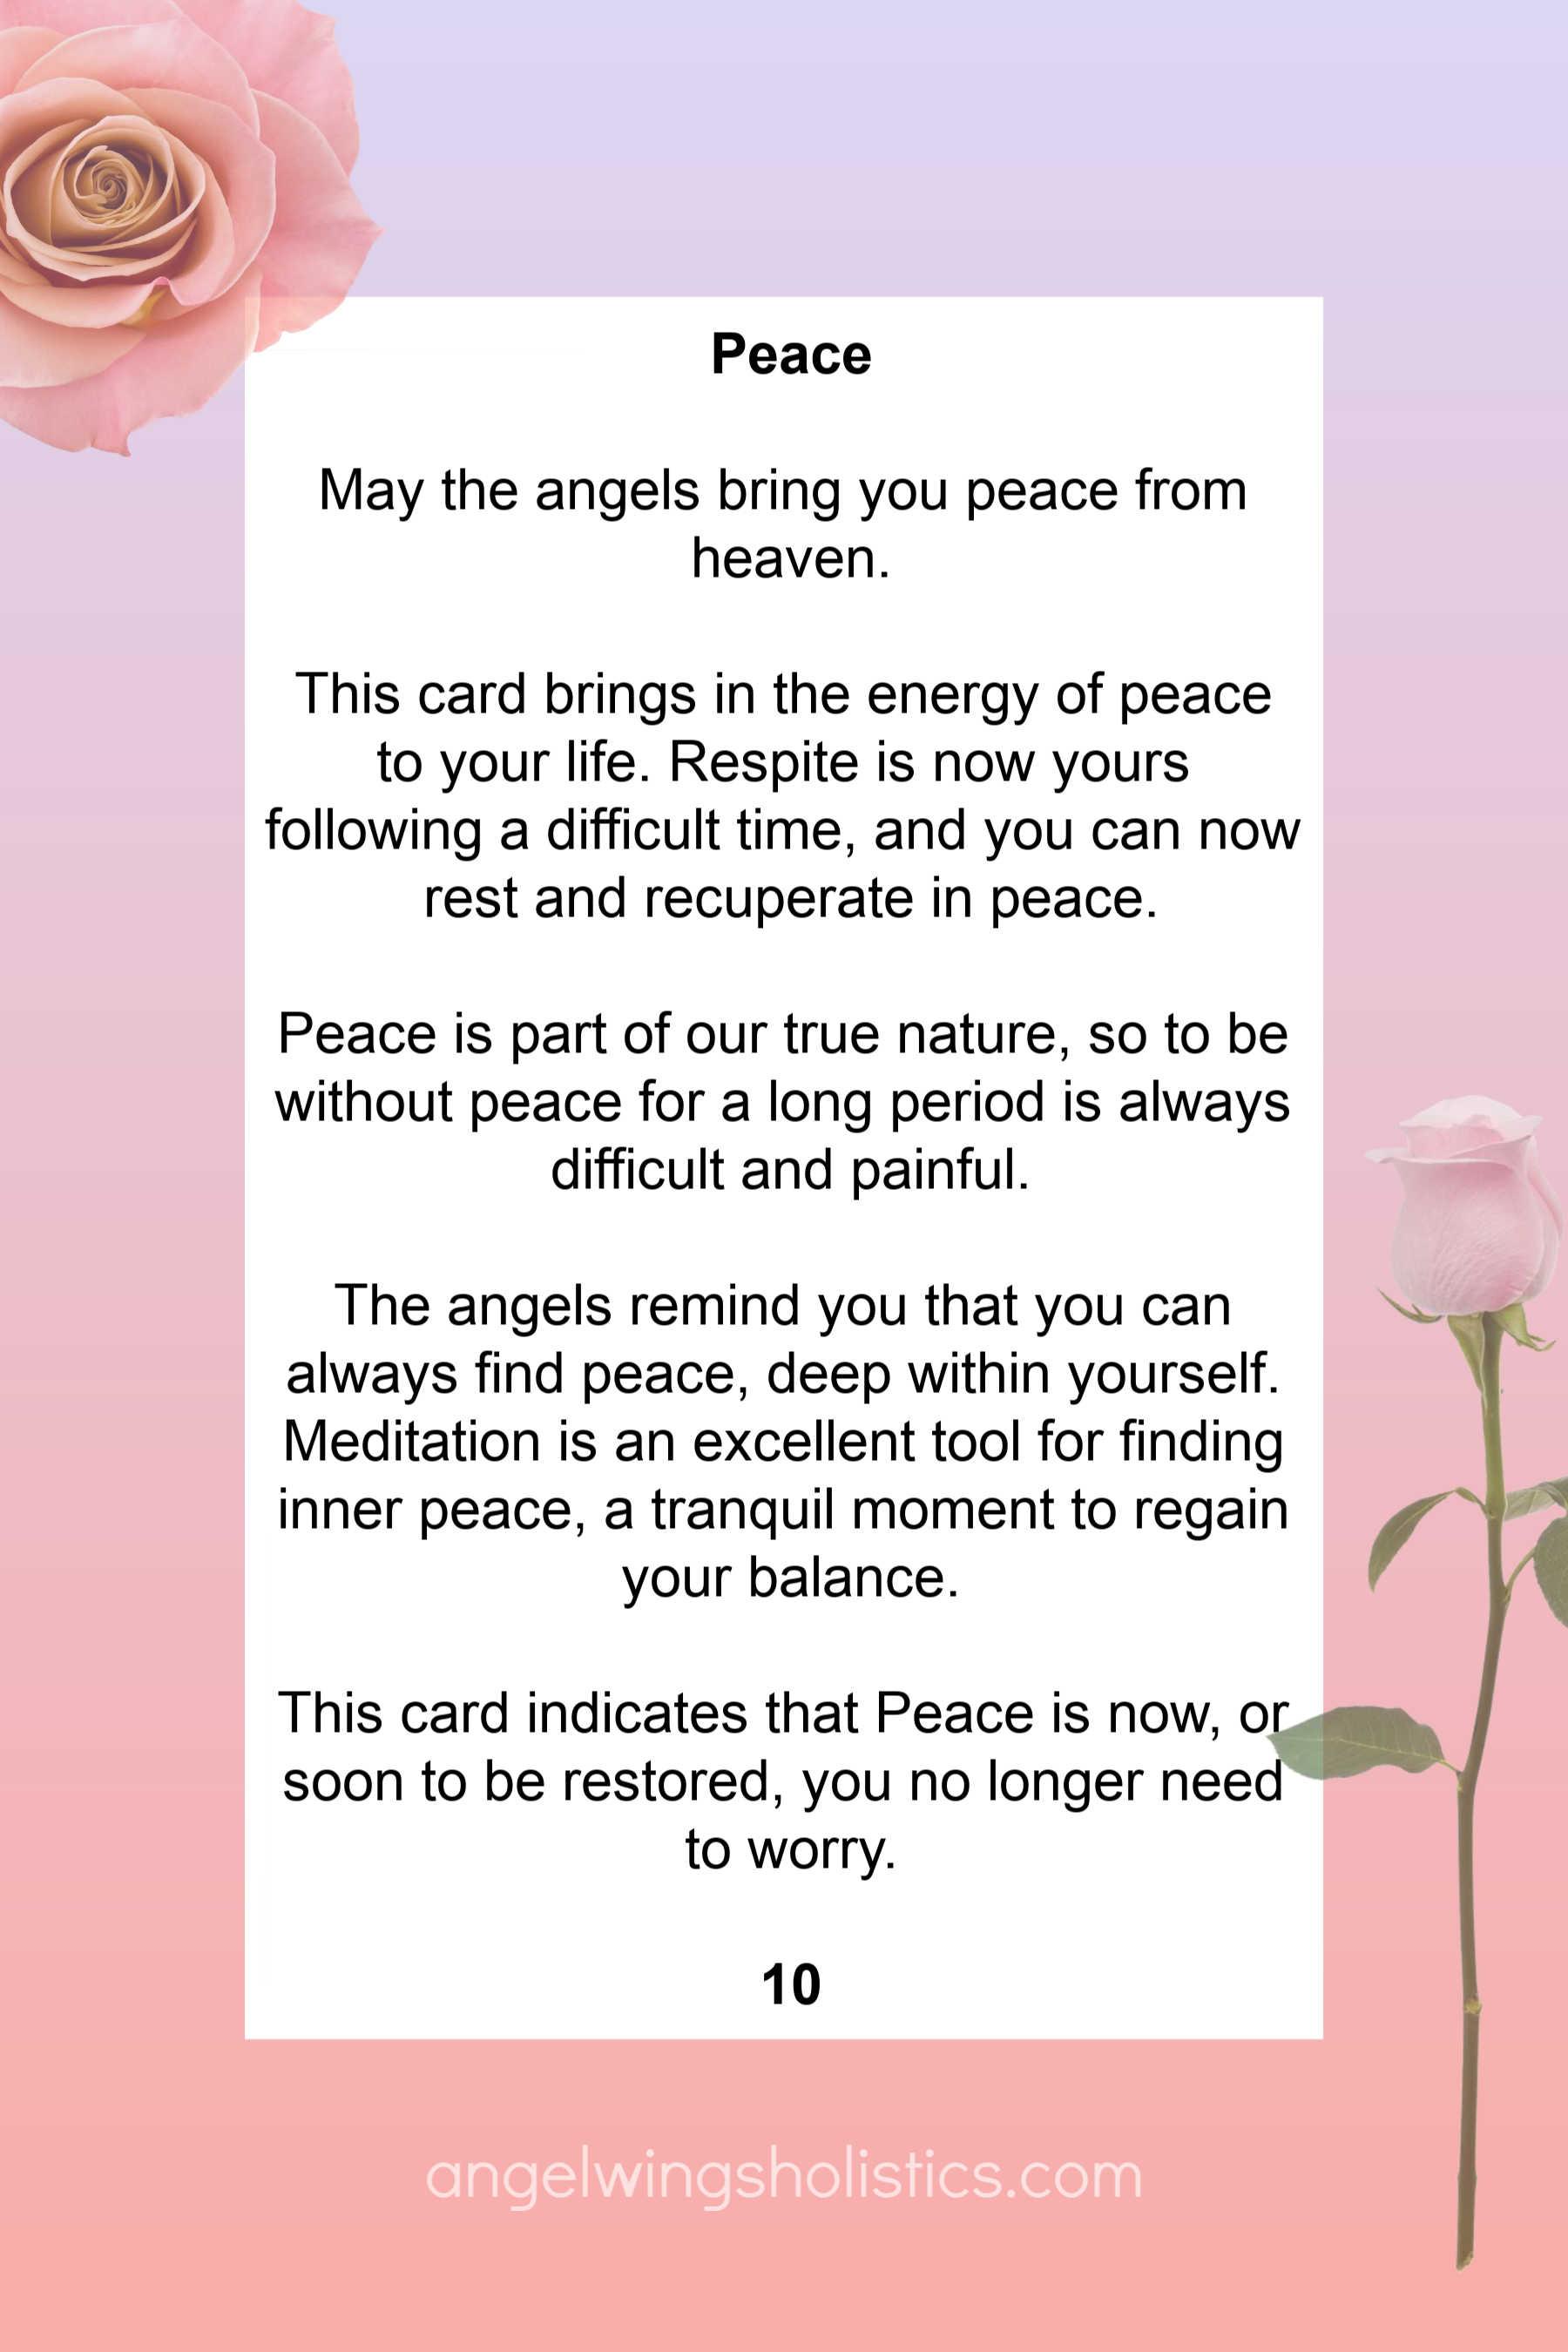 10-peace.jpg